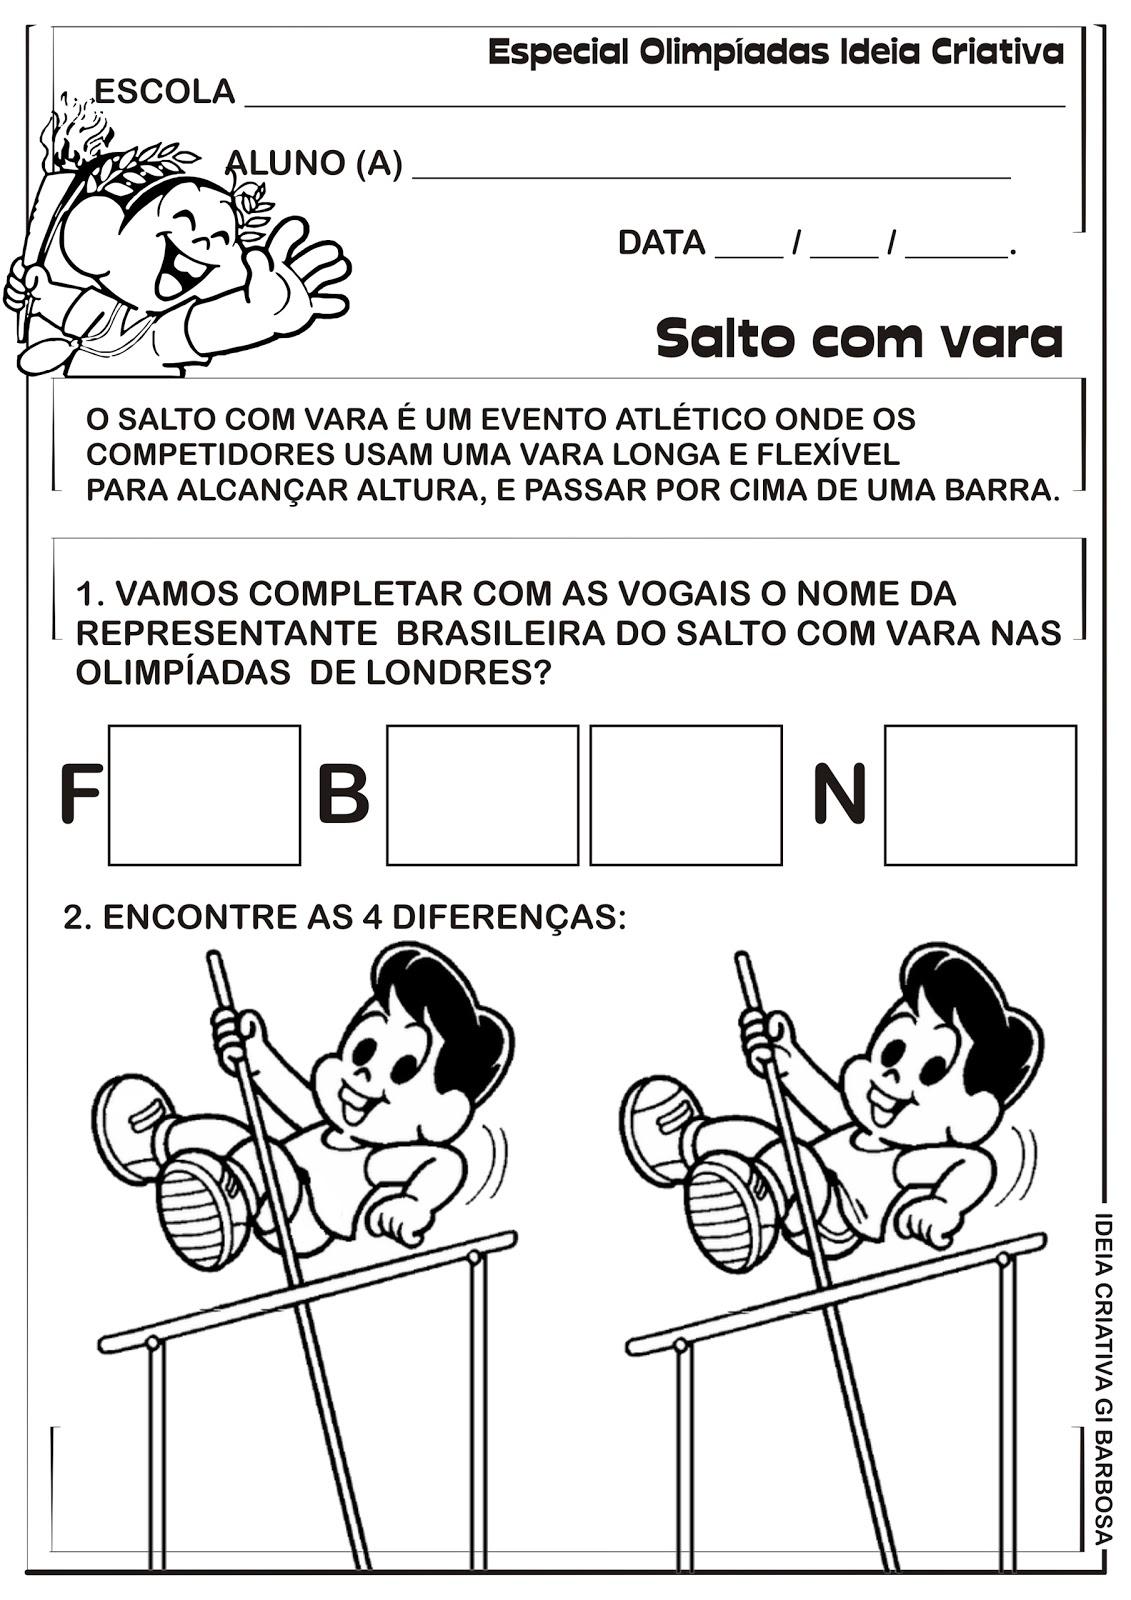 Favoritos Atividade Olimpíadas Rio 2016 Salto com Vara | Ideia Criativa - Gi  ZO31